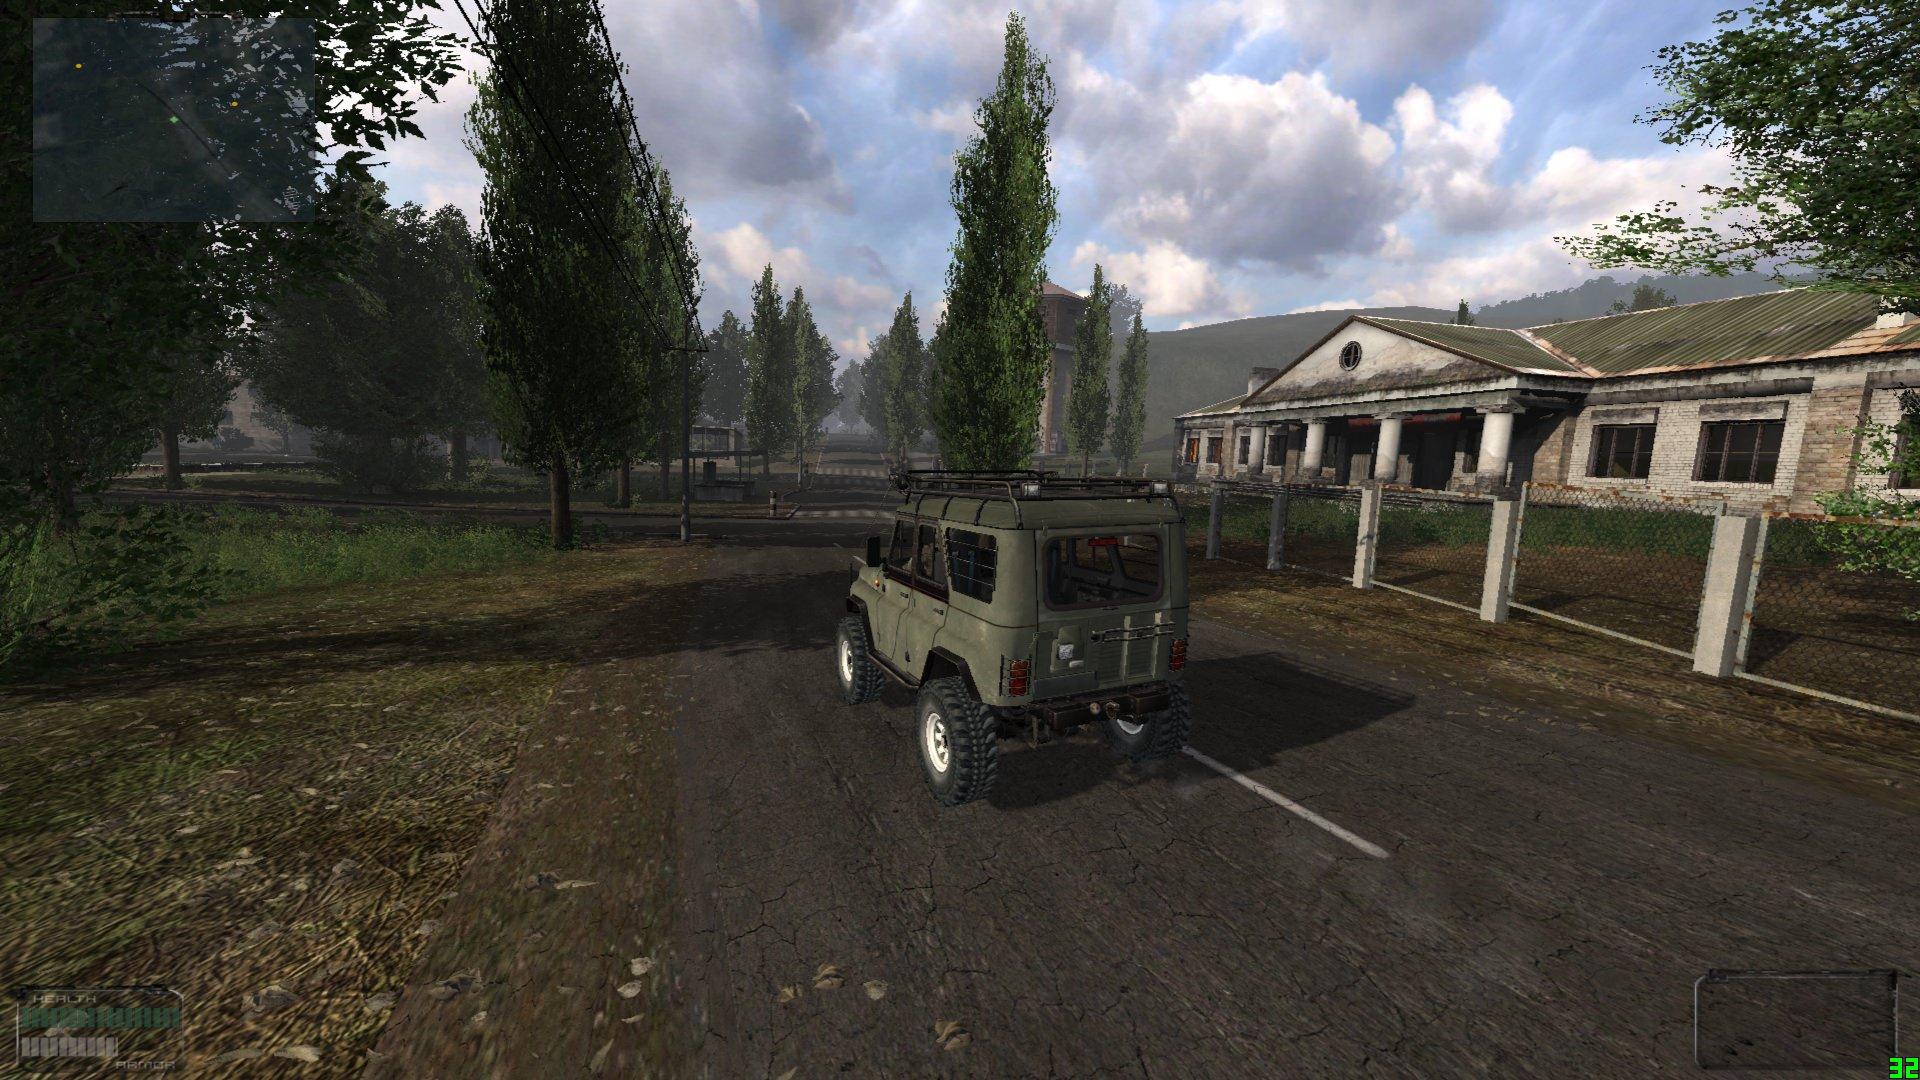 <b>《潜行者》大型MOD新版发布 游戏画面效果大幅提升</b>